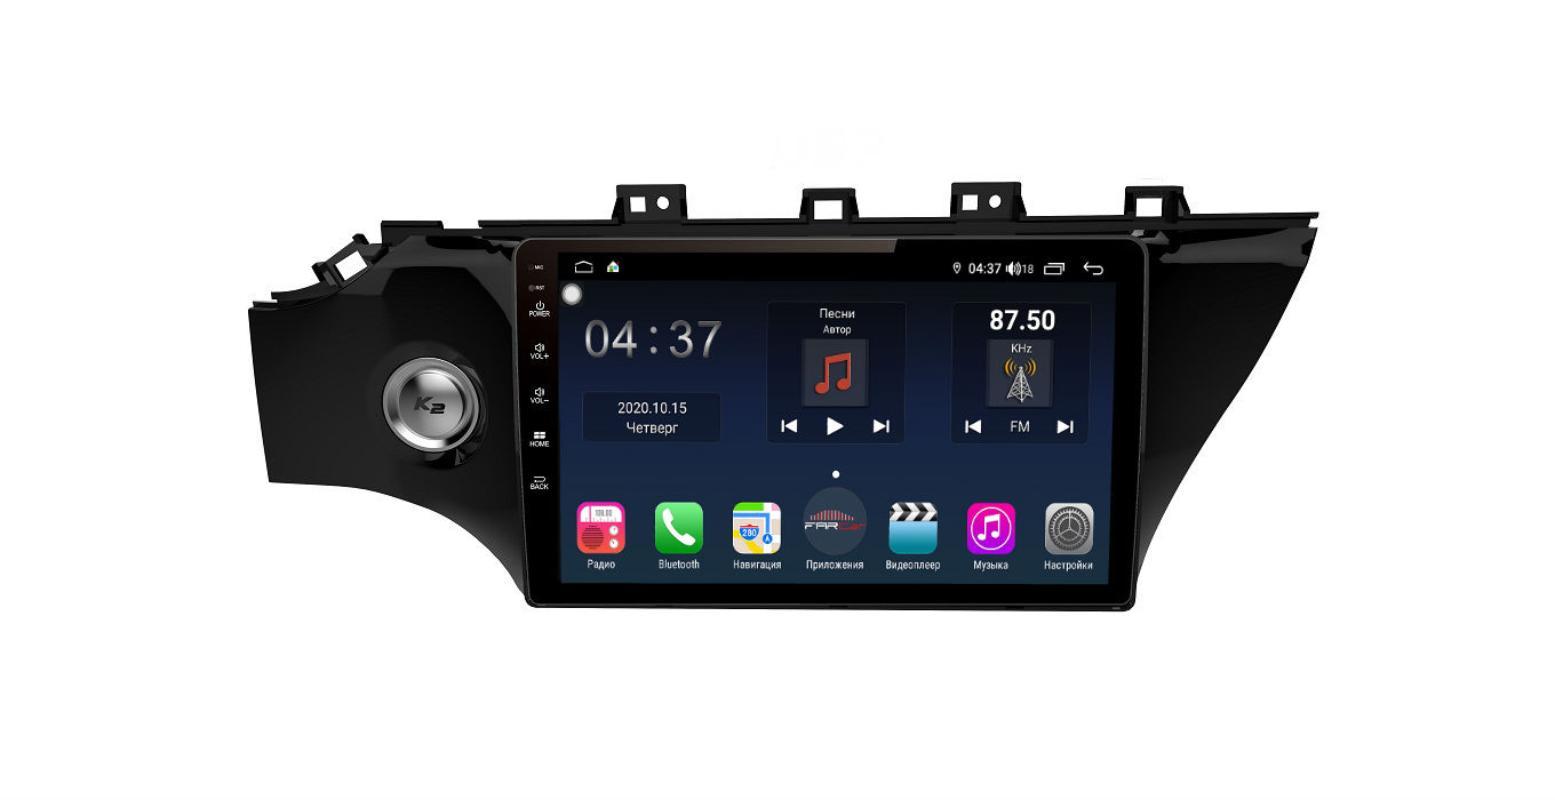 Штатная магнитола FarCar s400 для KIA Rio на Android (TG1105R) (+ Камера заднего вида в подарок!)